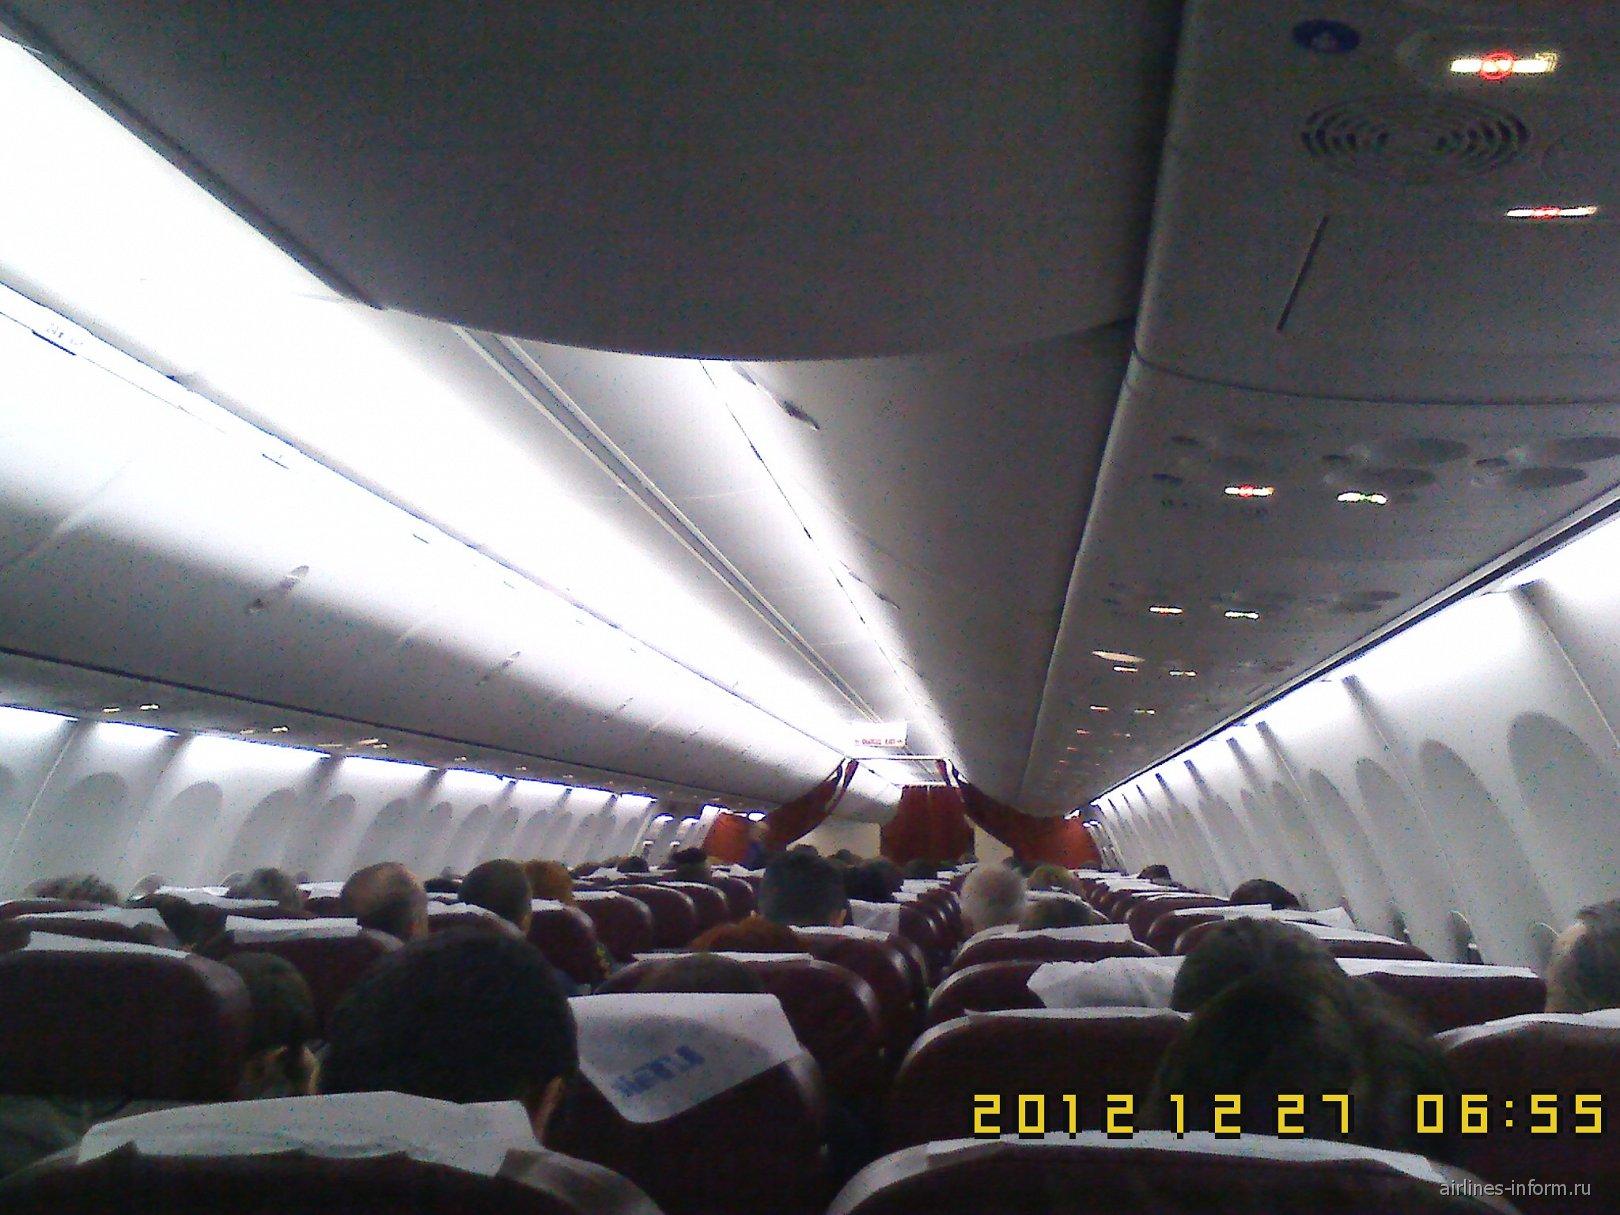 Салон Б-737-800